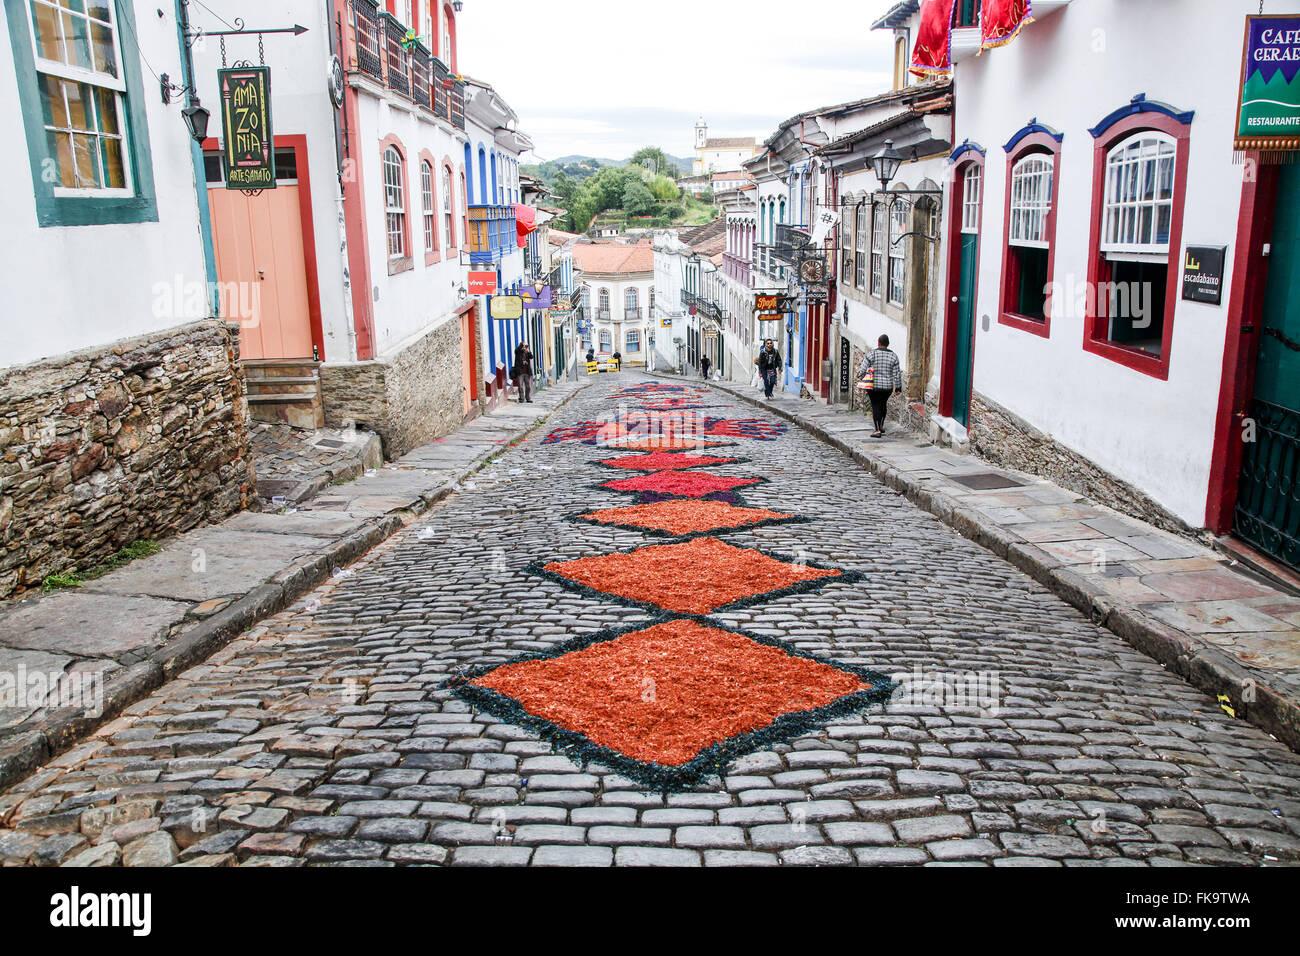 Street Decorata Con Tappeti Di Segatura Colorata Per La Processione